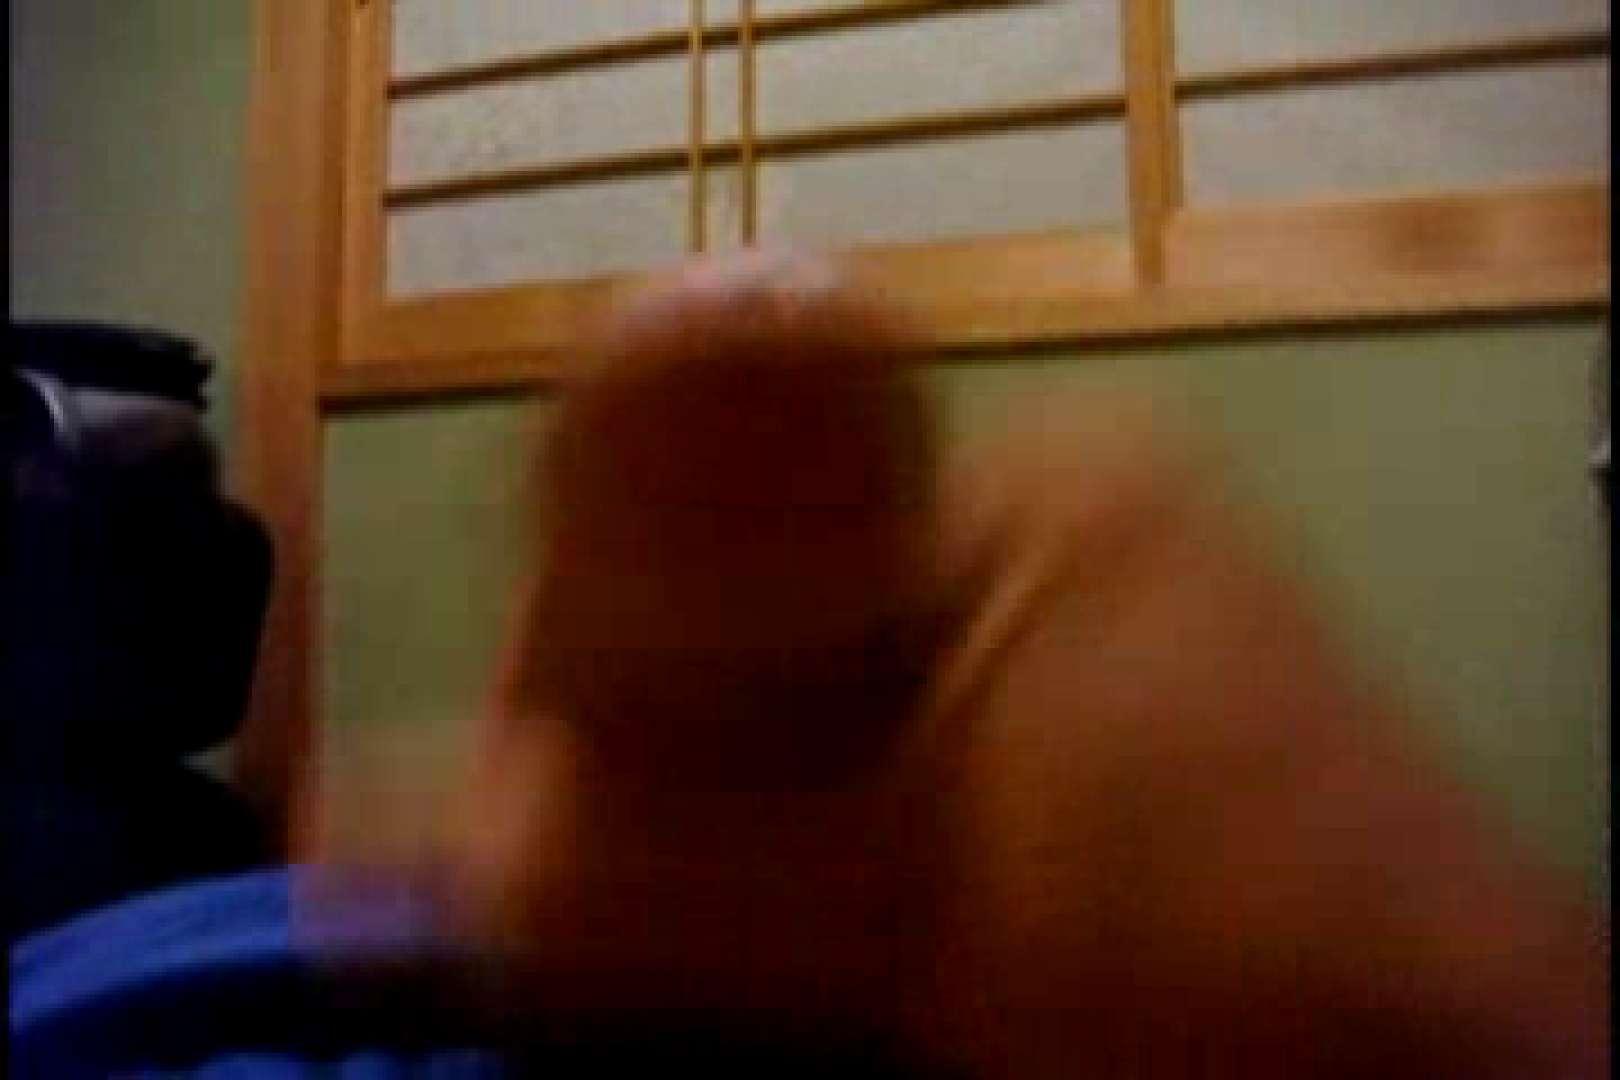 オナ好きノンケテニス部員の自画撮り投稿vol.02 流出特集 ゲイ丸見え画像 77枚 43